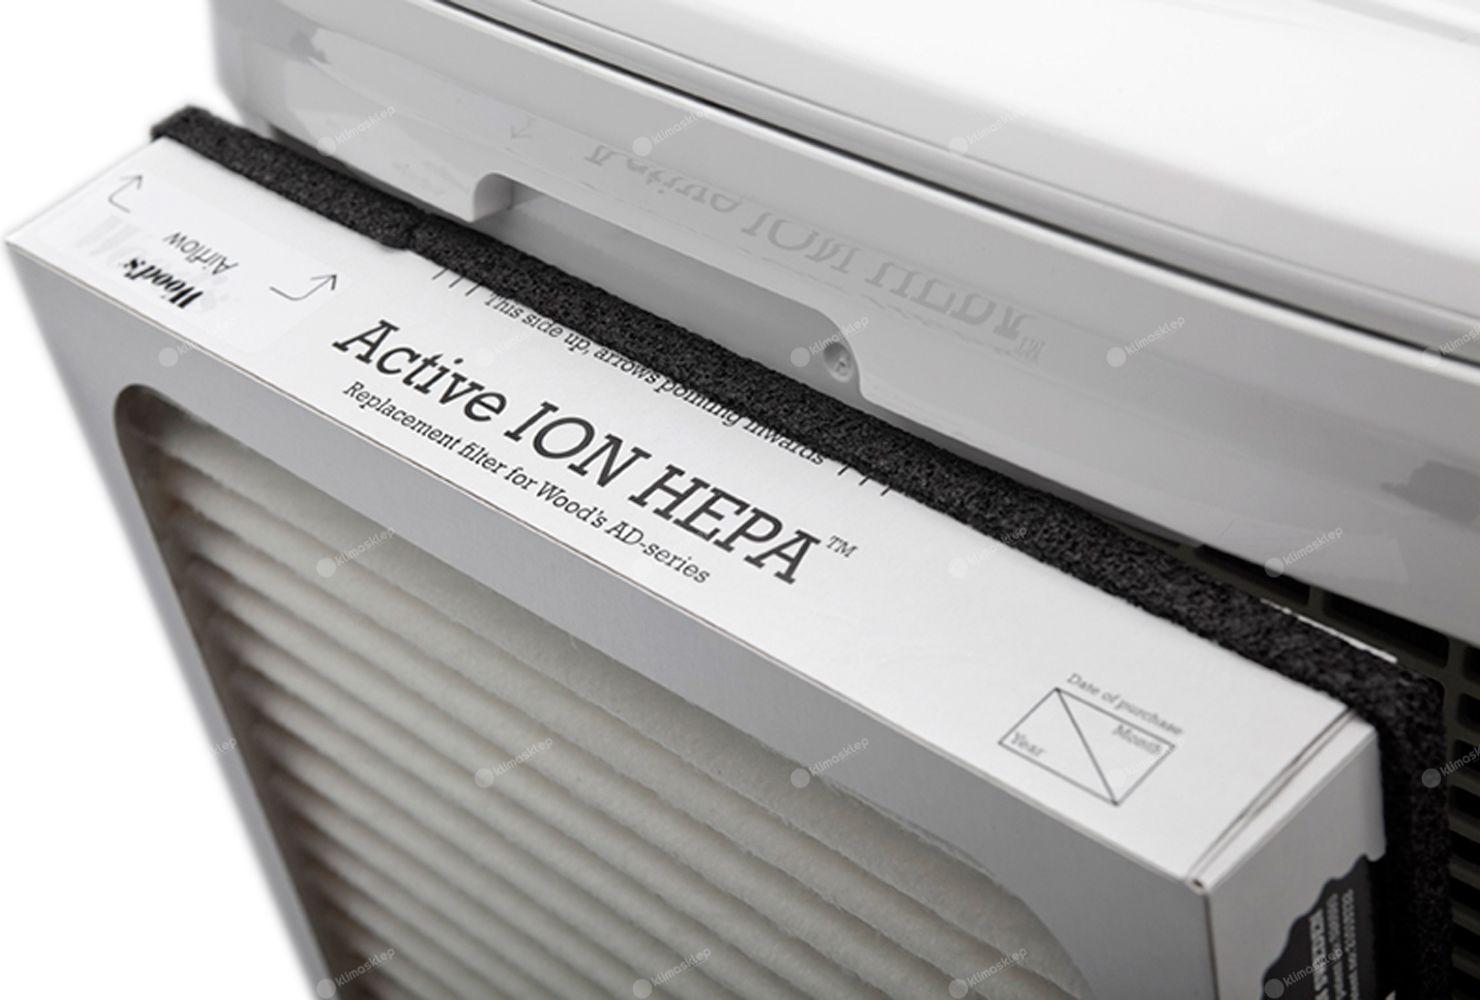 Wood's AD30G Hybrid oczyszcza powietrze za pomocą aktywnego filtra Active Ion HEPA